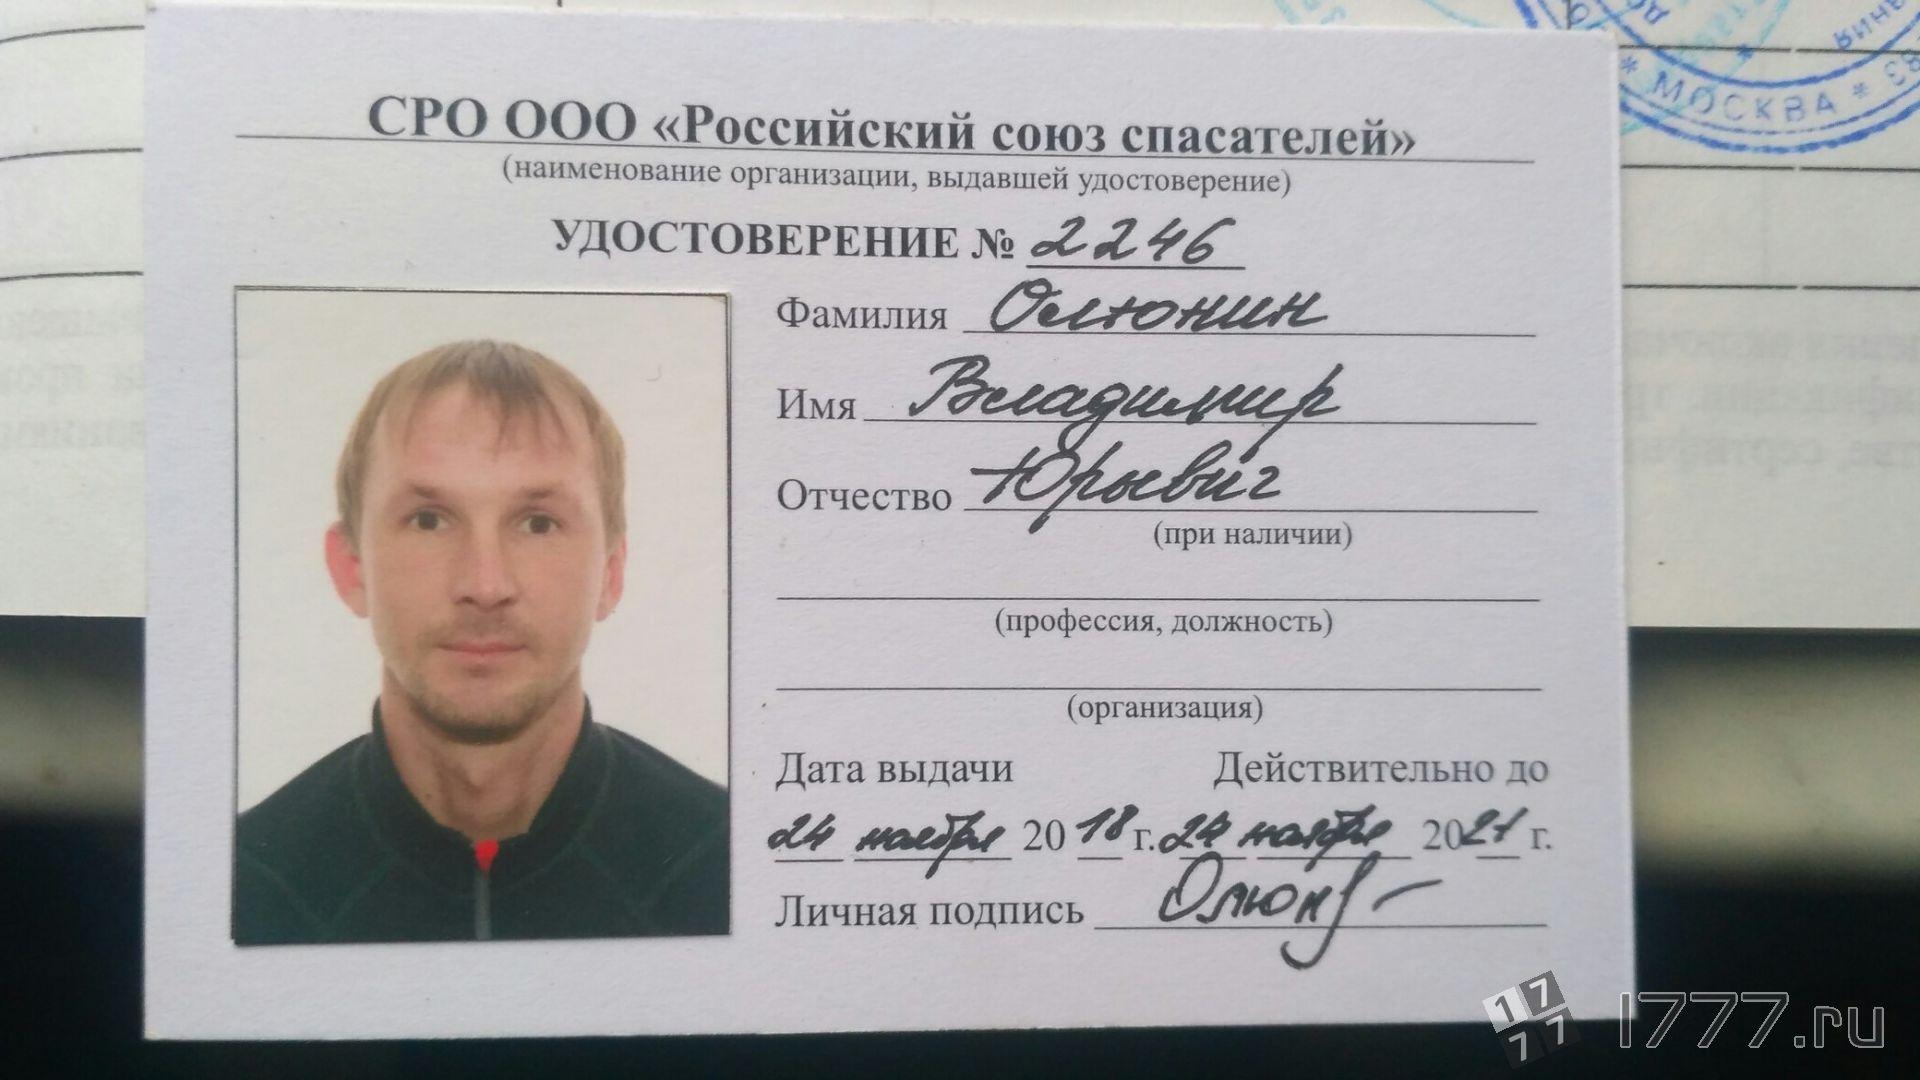 Обучение промышленный альпинизм в москве вакансии